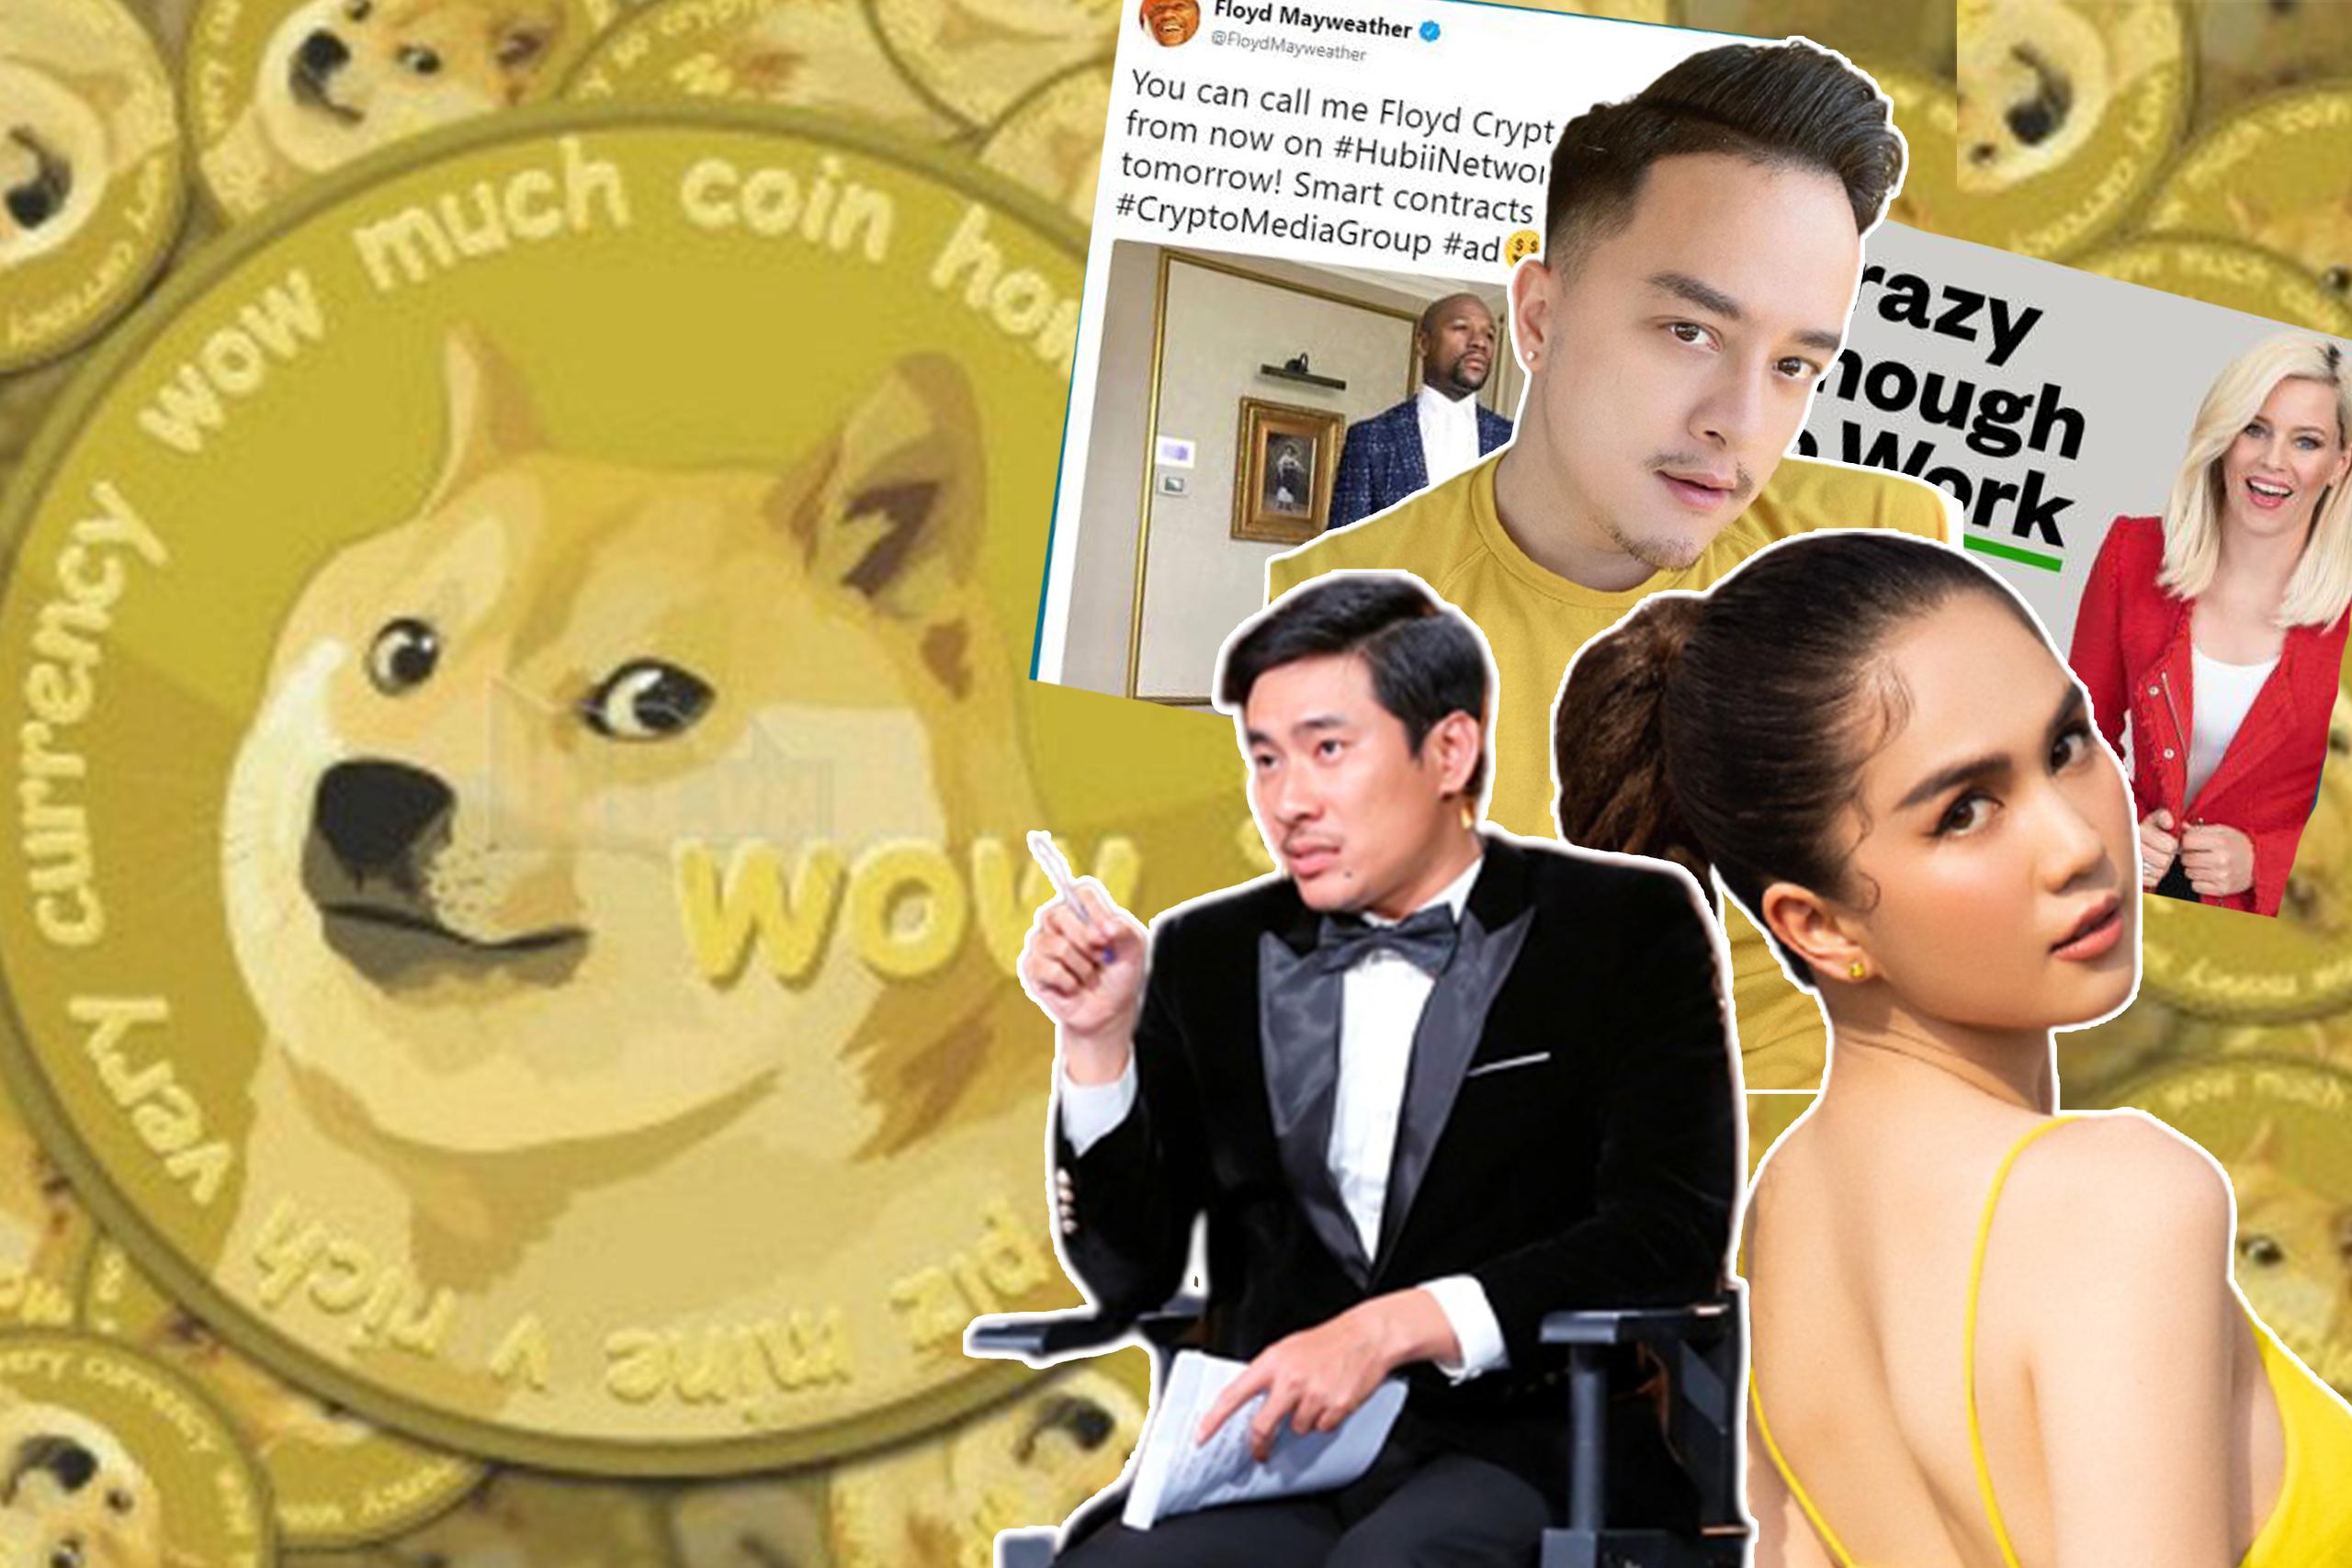 Câu chuyện nghệ sĩ đăng bài 'phím' tiền ảo: Nhận tiền quảng cáo dù không biết gì, chính phủ Trung Quốc từng 'tuýt còi' nhiều celeb có tiếng - Ảnh 2.